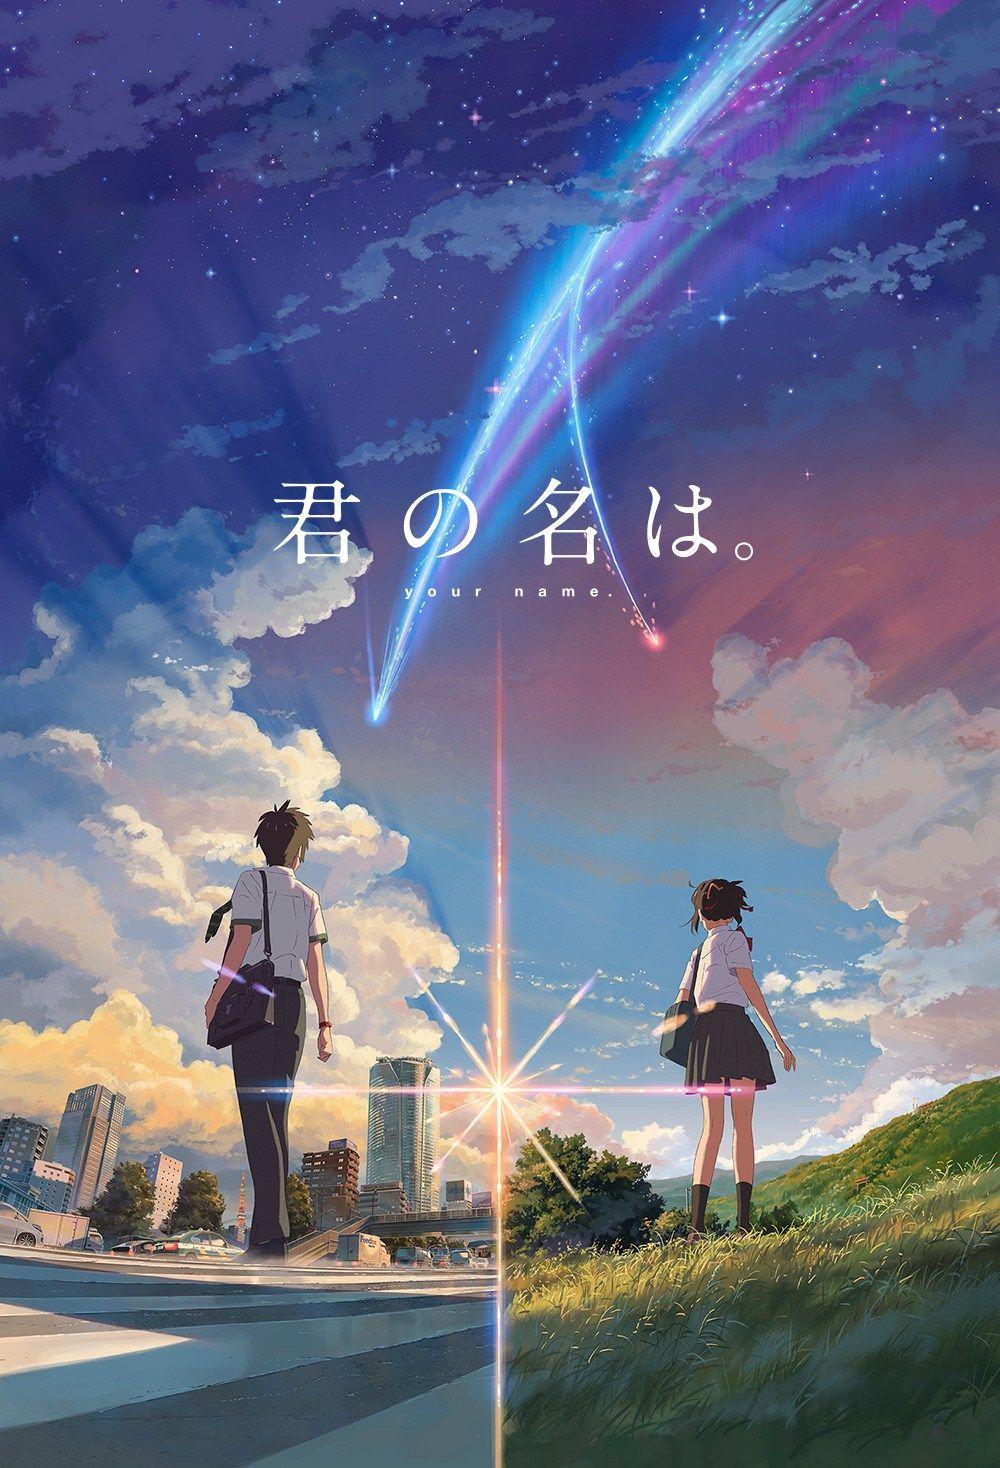 Makoto Shinkai's Kimi no Na wa. Has One of the Biggest